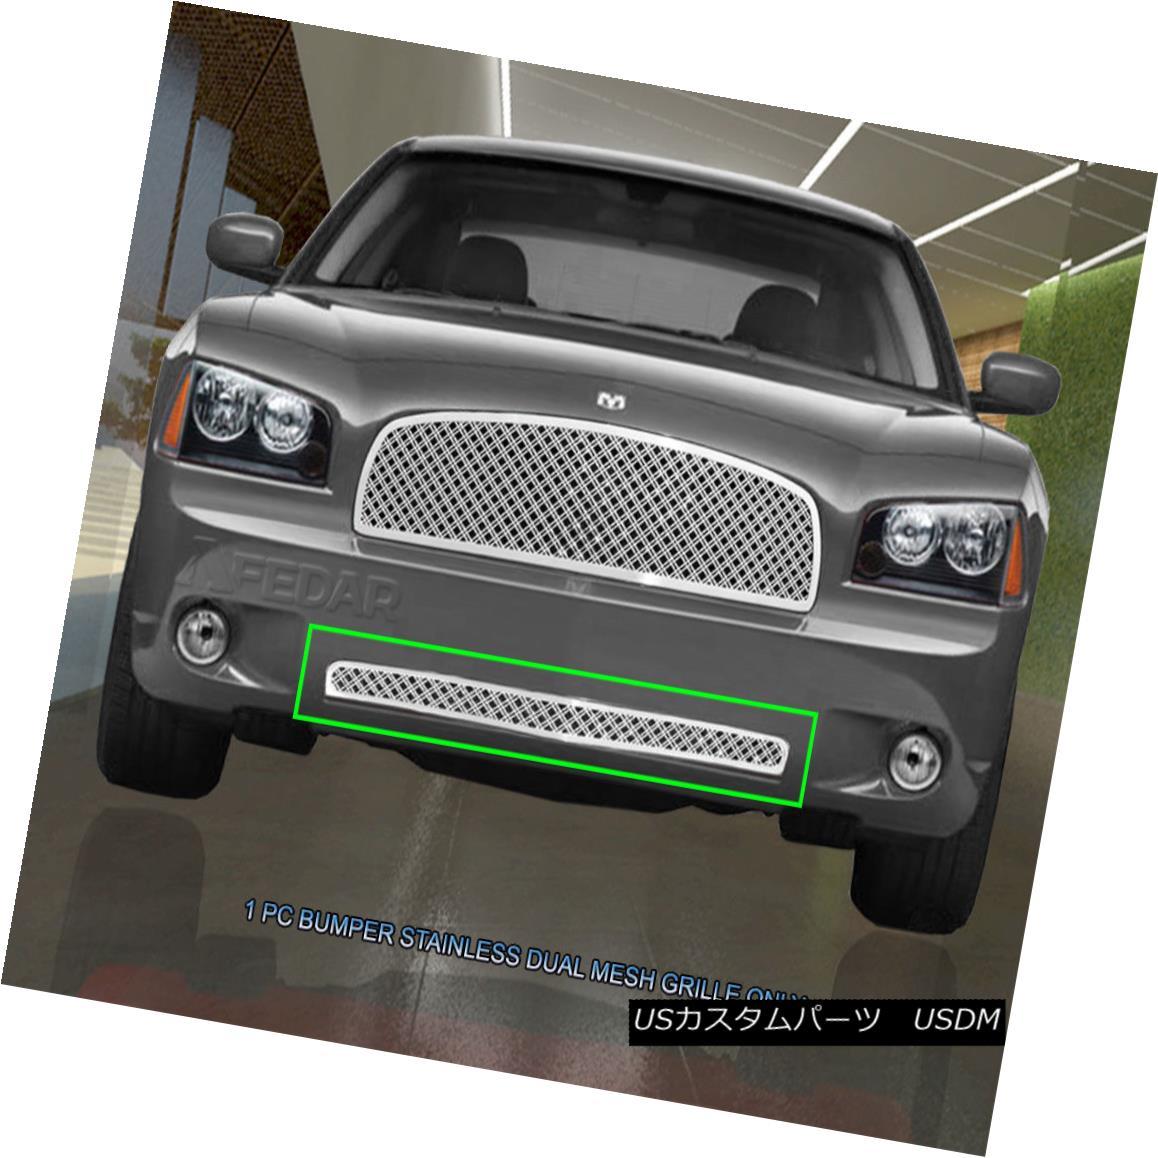 グリル Fedar Fits 05-10 Dodge Charger Polished Mesh Grille Insert Fedarフィット05-10ダッジチャージャーポリッシュメッシュグリルインサート